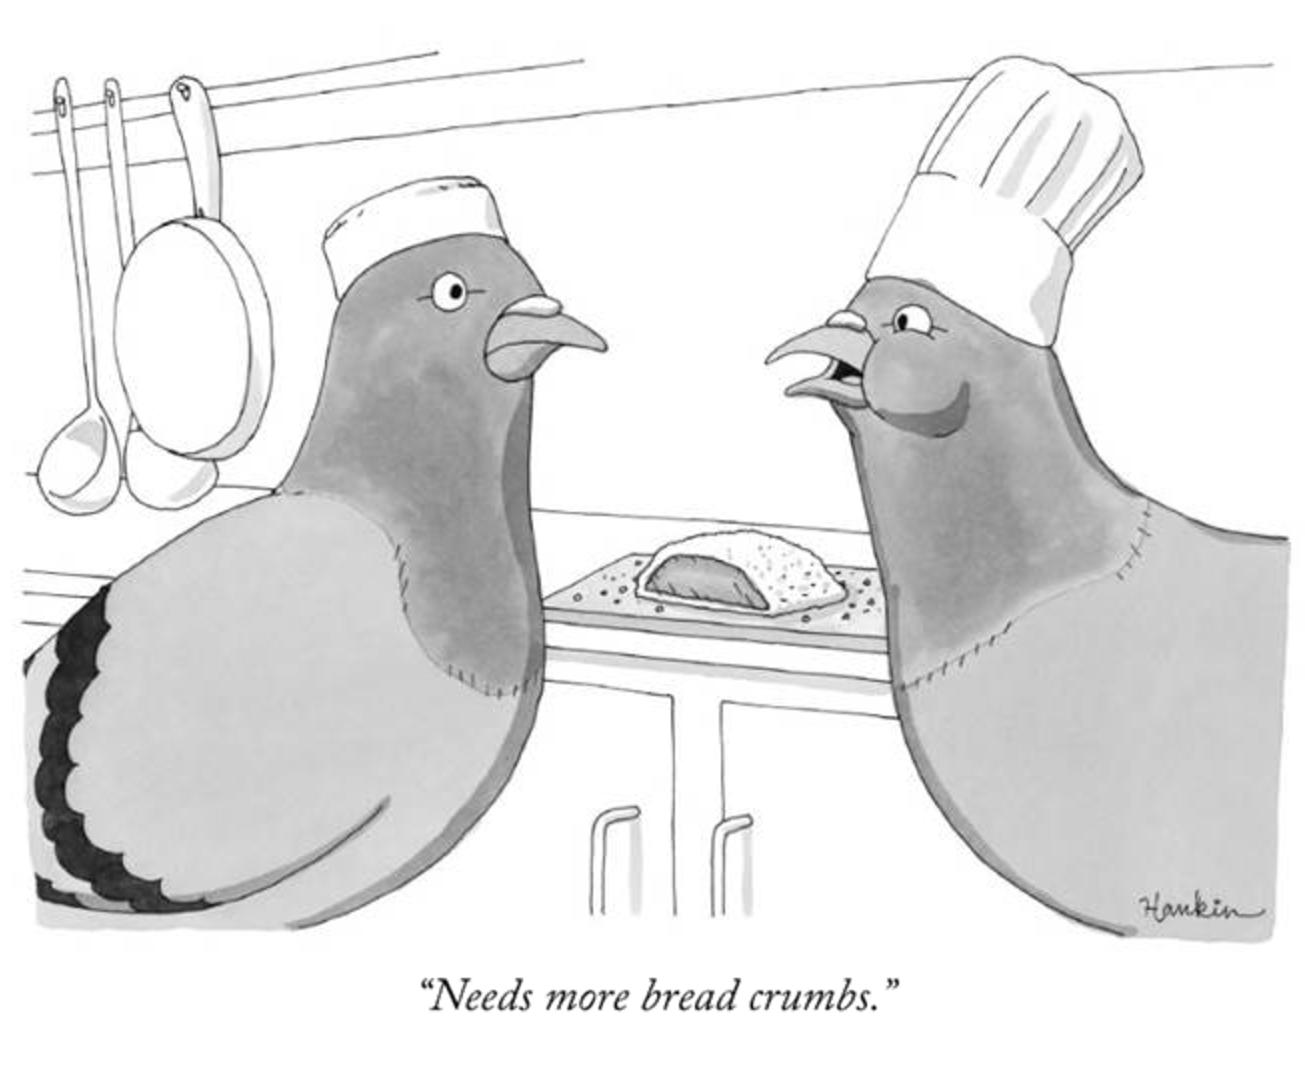 needs more bread crumbs